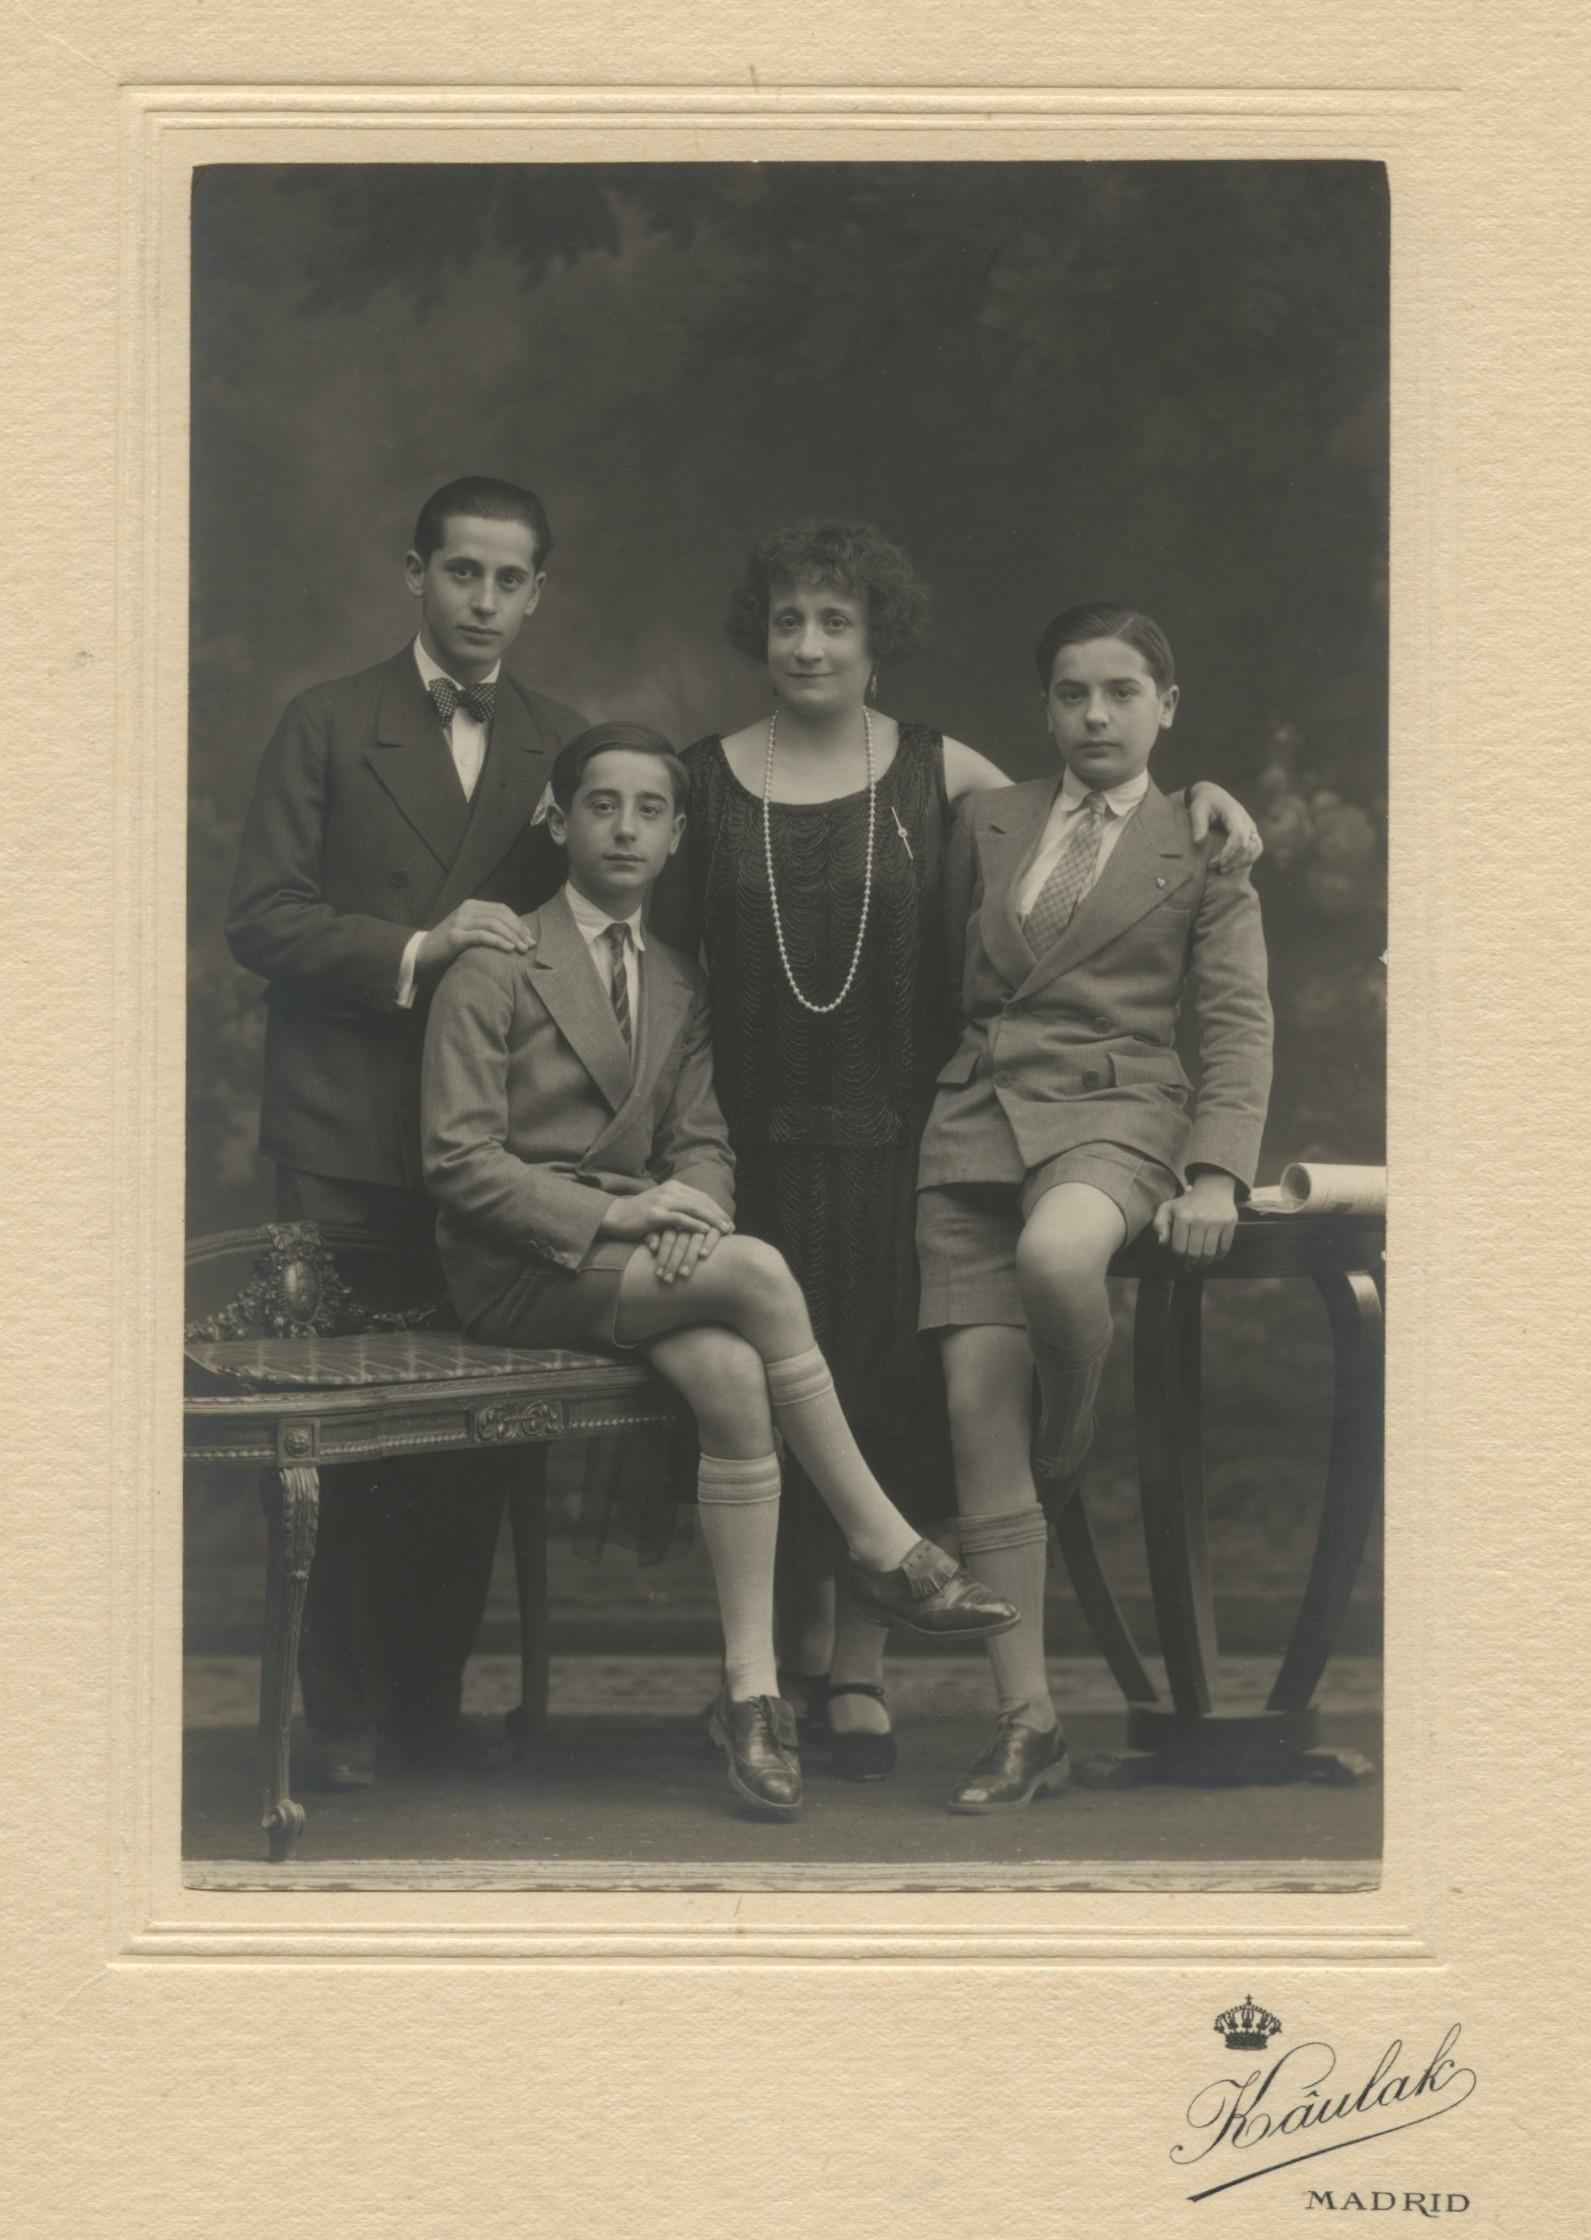 1928.2. JHC, sentado, junto a su madre Lola y sus hermanos Modesto y Luis. Madrid 1928